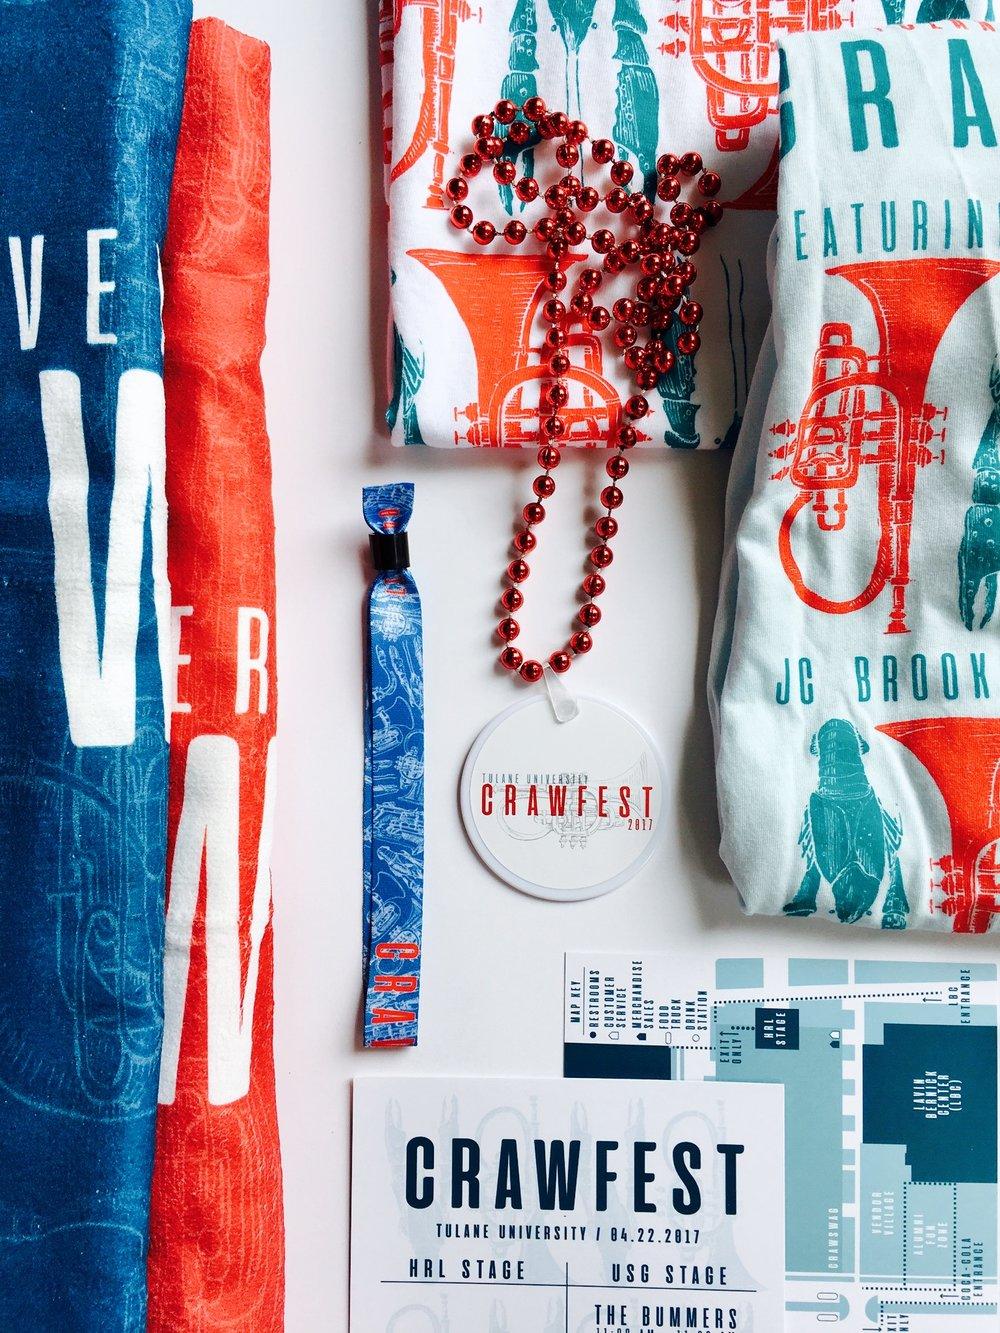 crawfest branding design -